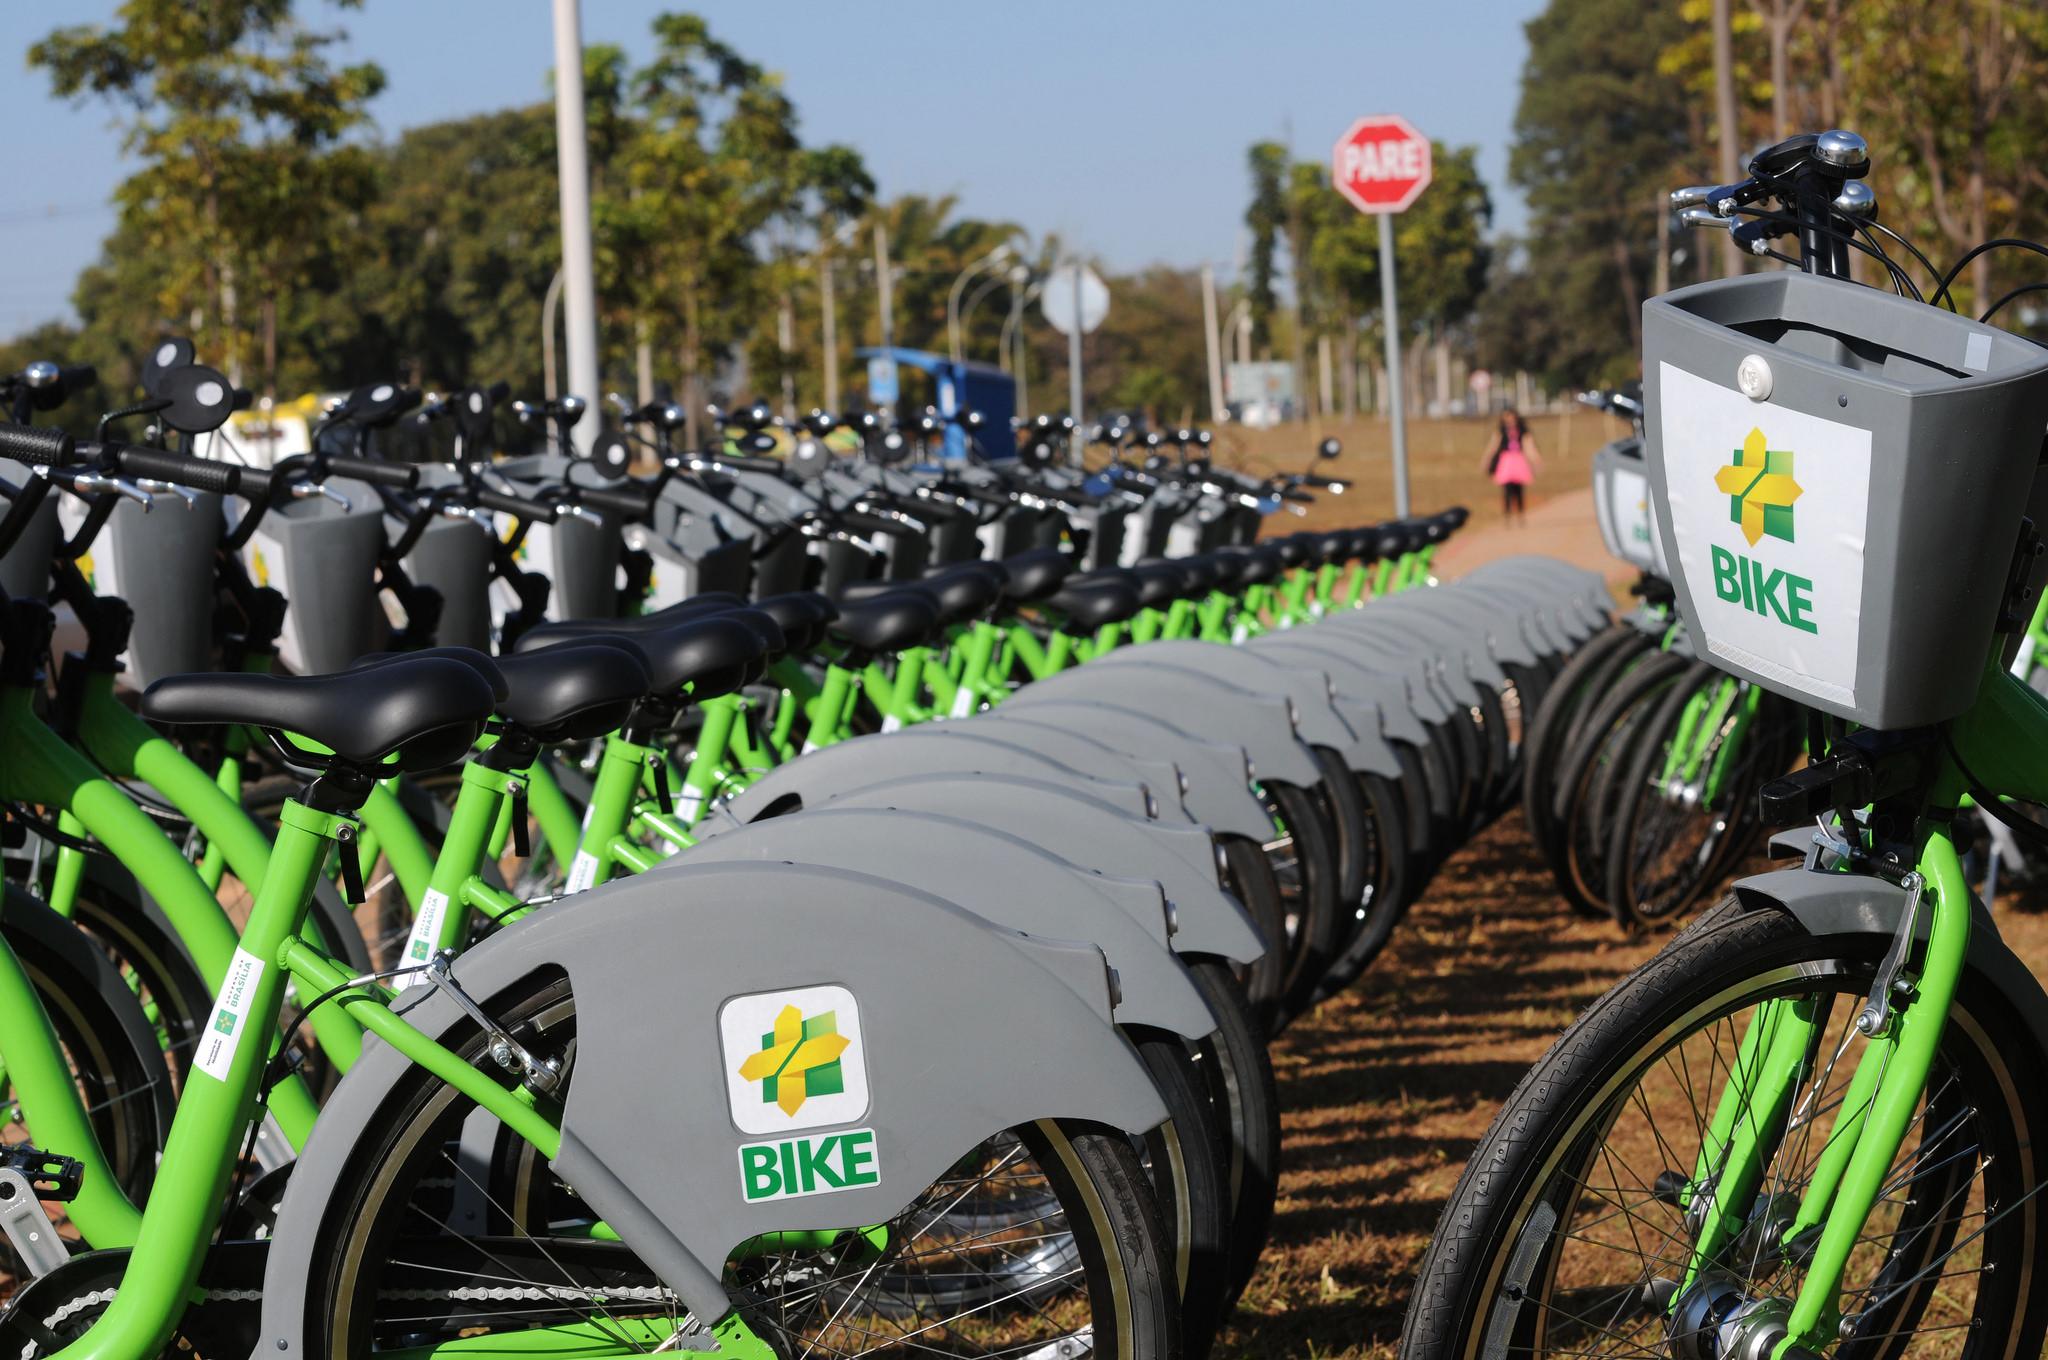 """Lançado o Plano de Ciclomobilidade do Distrito Federal (+Bike), em agosto/2017. O plano faz parte do Programa de Mobilidade Urbana, o Circula Brasília, e tem como alguns de seus principais objetivos promover a ampliação de ciclovias, integração com outros transportes, além de disponibilizar mais bicicletas públicas. <br><br> Foram implantadas 16 novas estações de bicicletas compartilhadas; atualmente o Distrito Federal conta com 48 estações, totalizando 480 bicicletas. O plano gerou também o aumento do número de viagens: entre 2014 e 2015 foram realizadas 365.708 viagens; entre 2015 e 2017 foram realizadas 425.744 viagens. De janeiro a outubro de 2018, foram realizadas 370.137 viagens. <br><br>Baixe o aplicativo +Bike:<br> Baixe aqui Android: (<a href=""""https://play.google.com/store/apps/details?id=br.com.mobilicidade.bikebrasilia&hl=pt_BR"""">link aqui</a>)<br> Baixe aqui IOS: (<a href=""""https://itunes.apple.com/br/app/bike-bras%C3%ADlia/id877582509?mt=8"""">link aqui</a>)"""